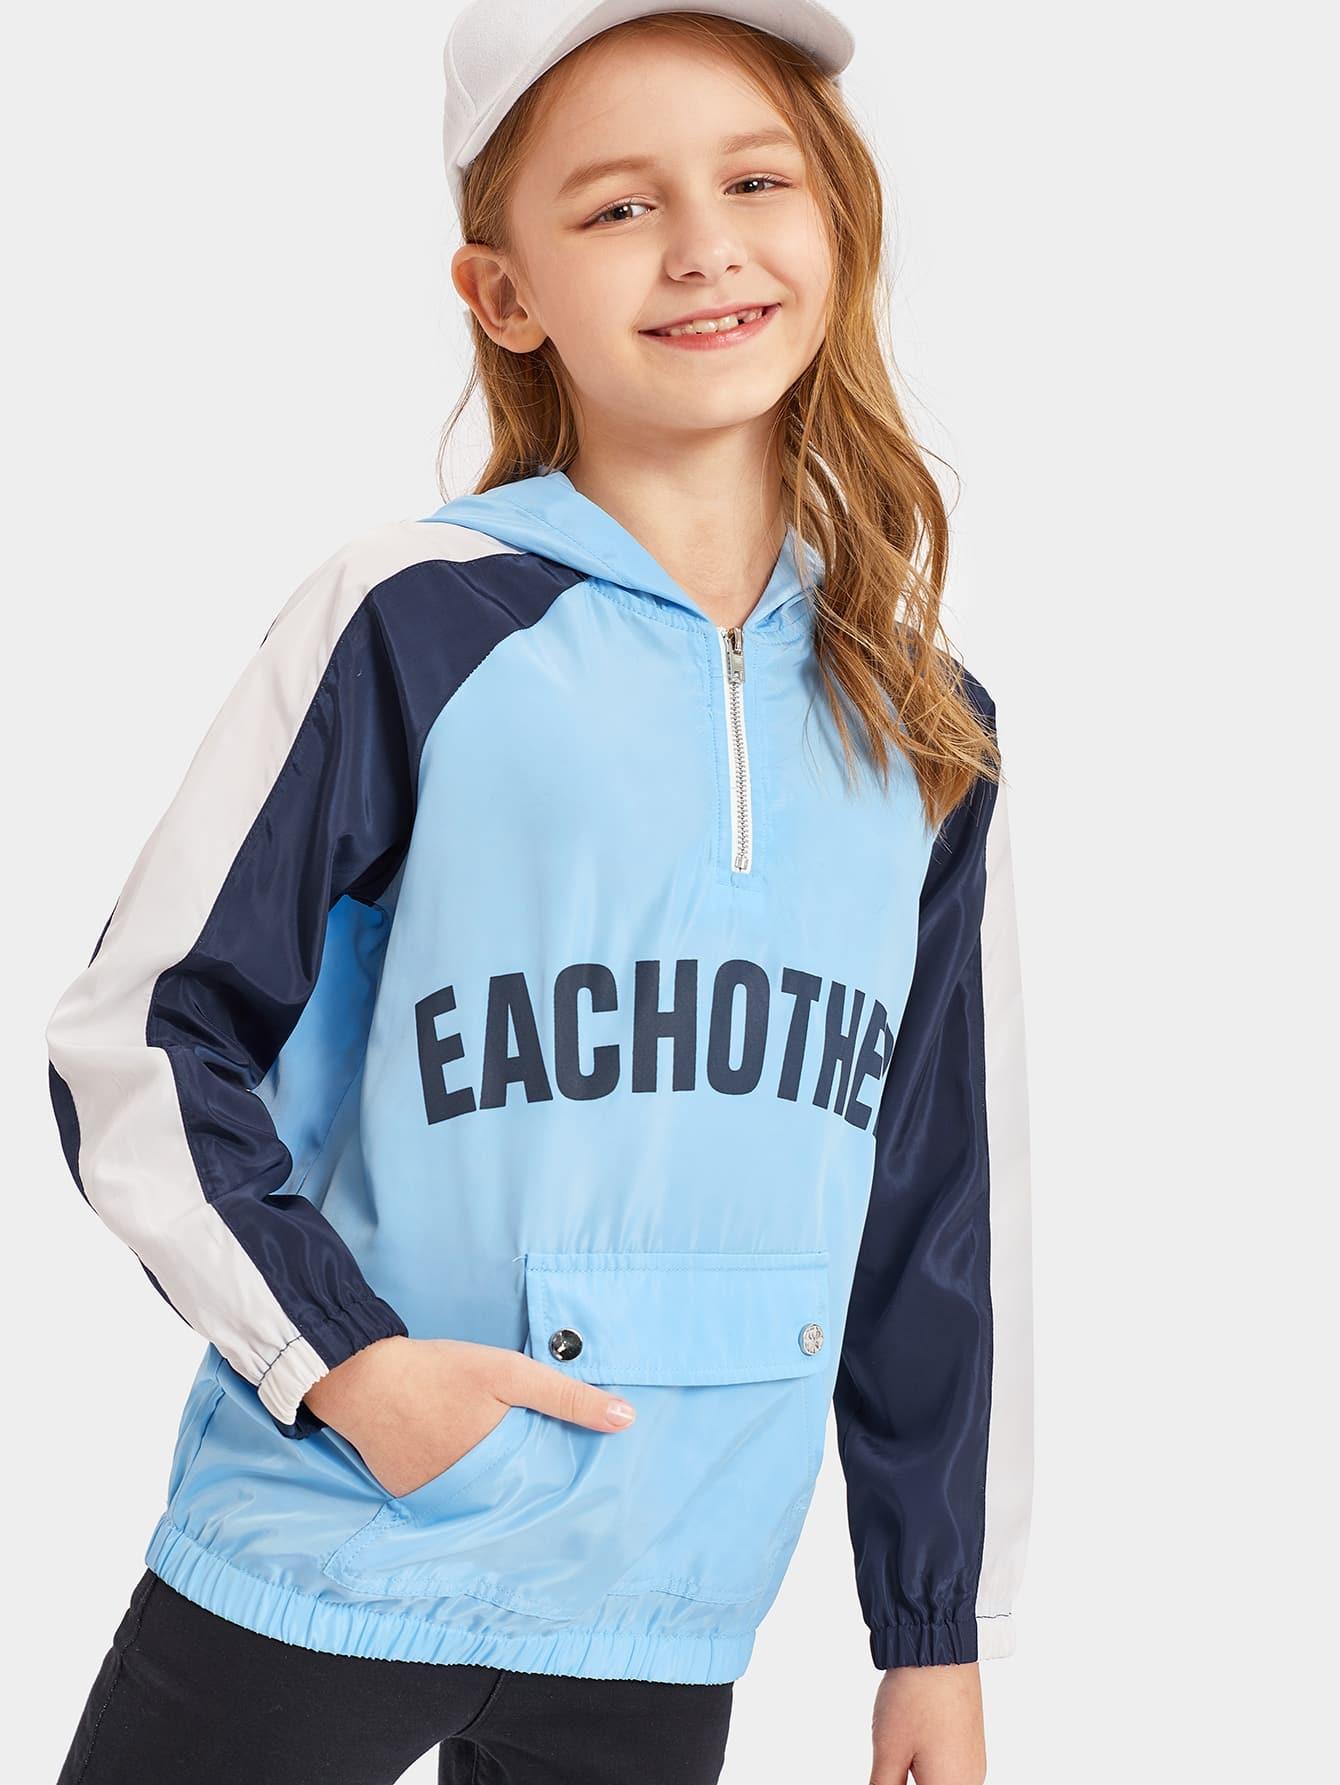 Контрастная куртка на молнии с капюшоном и рукавом-регланом для девочек, Sashab, SheIn  - купить со скидкой